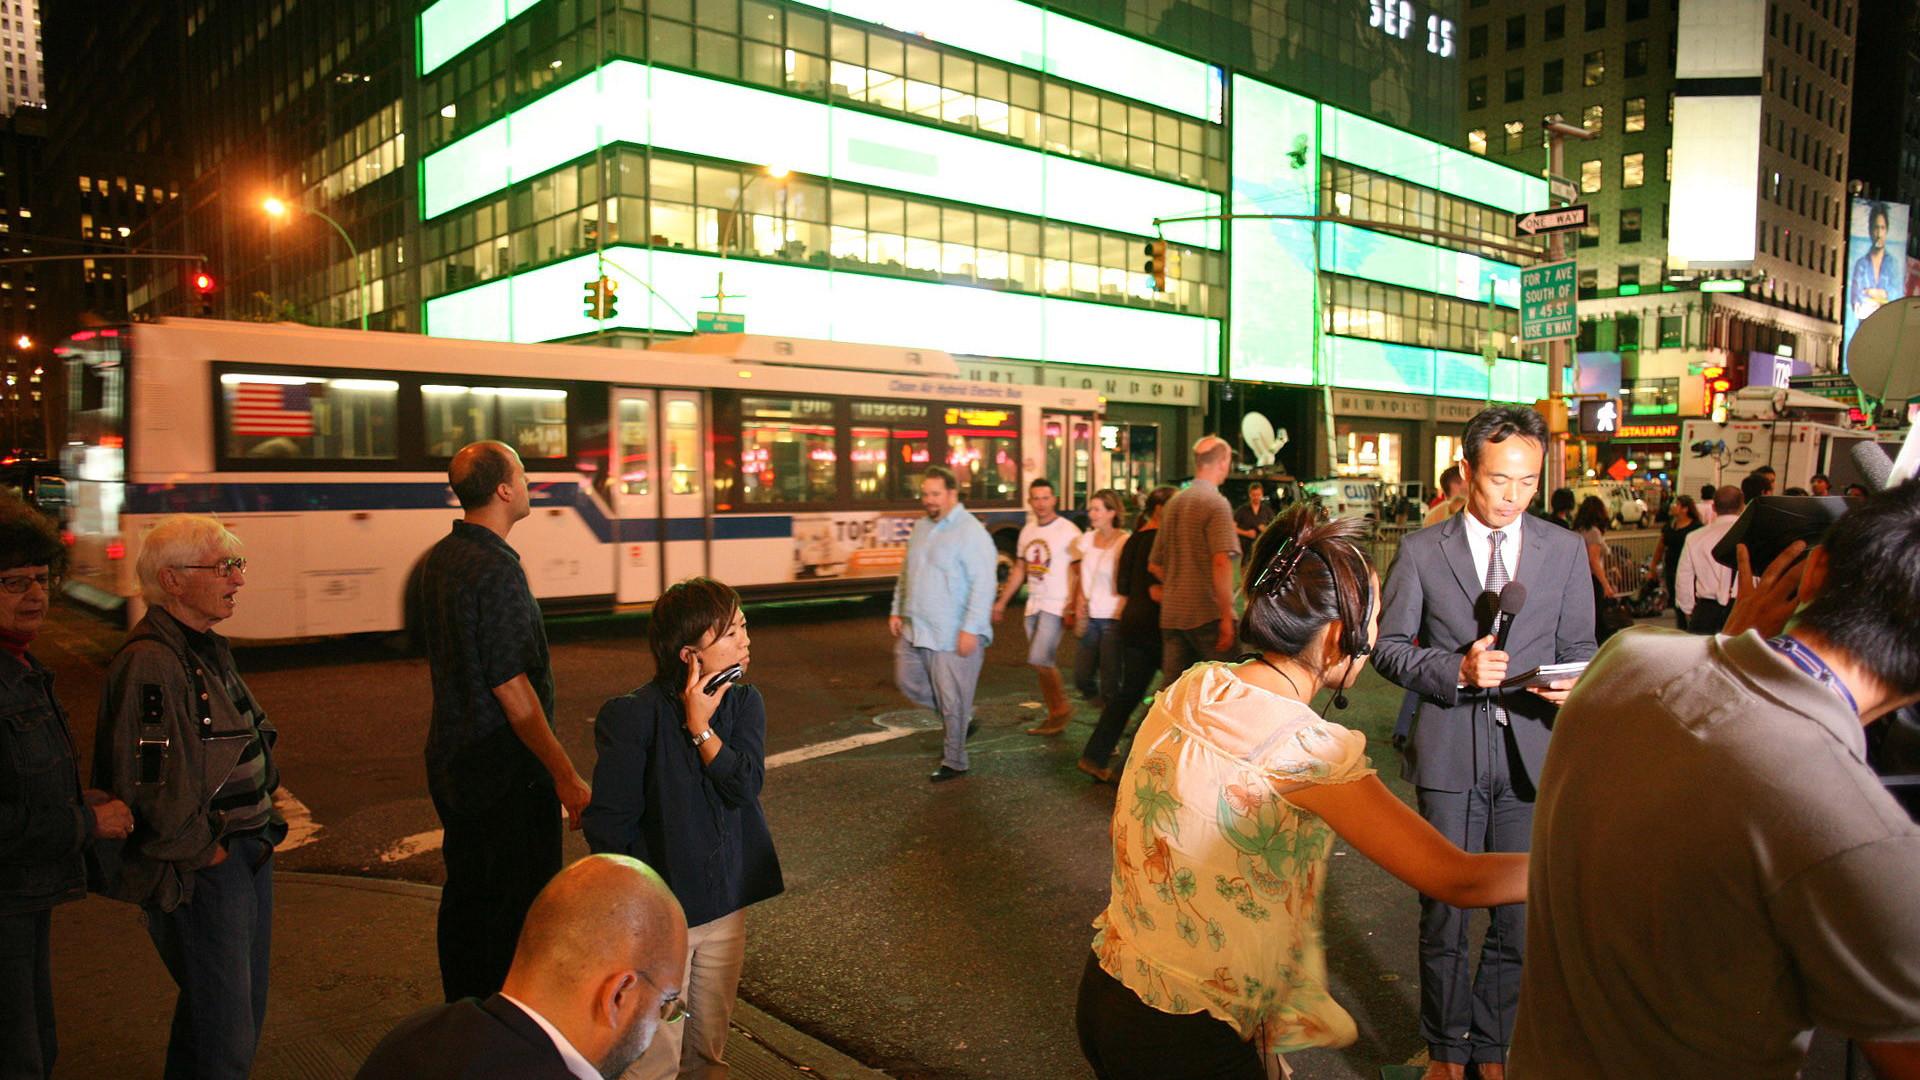 Суета около здания штаб-квартиры Lehman Brothers 15 сентября 2008 года после объявления банкротства. Фото: © wikipedia.org/Robert Scoble